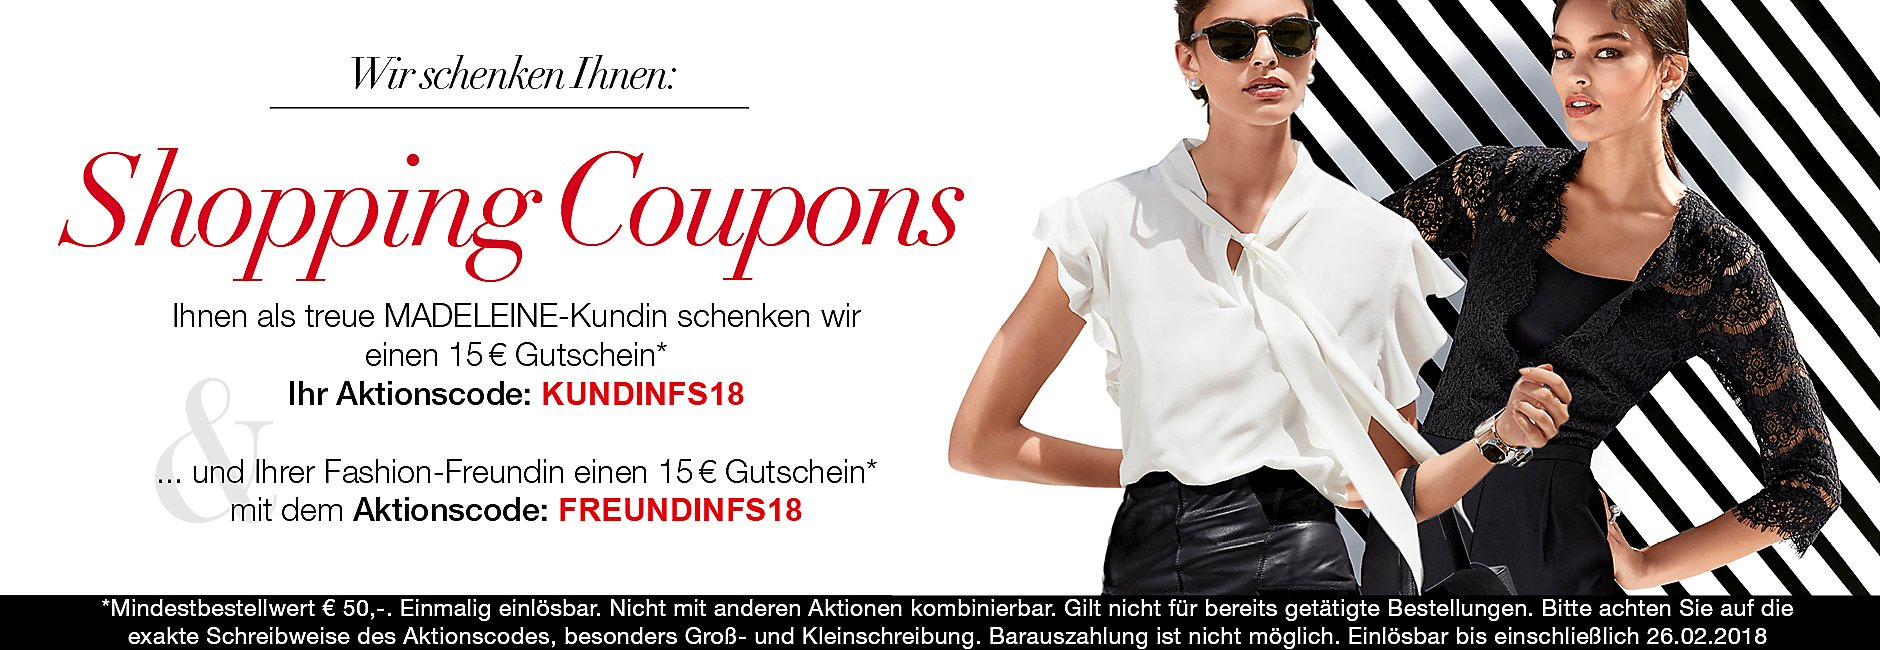 Shopping Coupons für Sie und Ihre Freundin